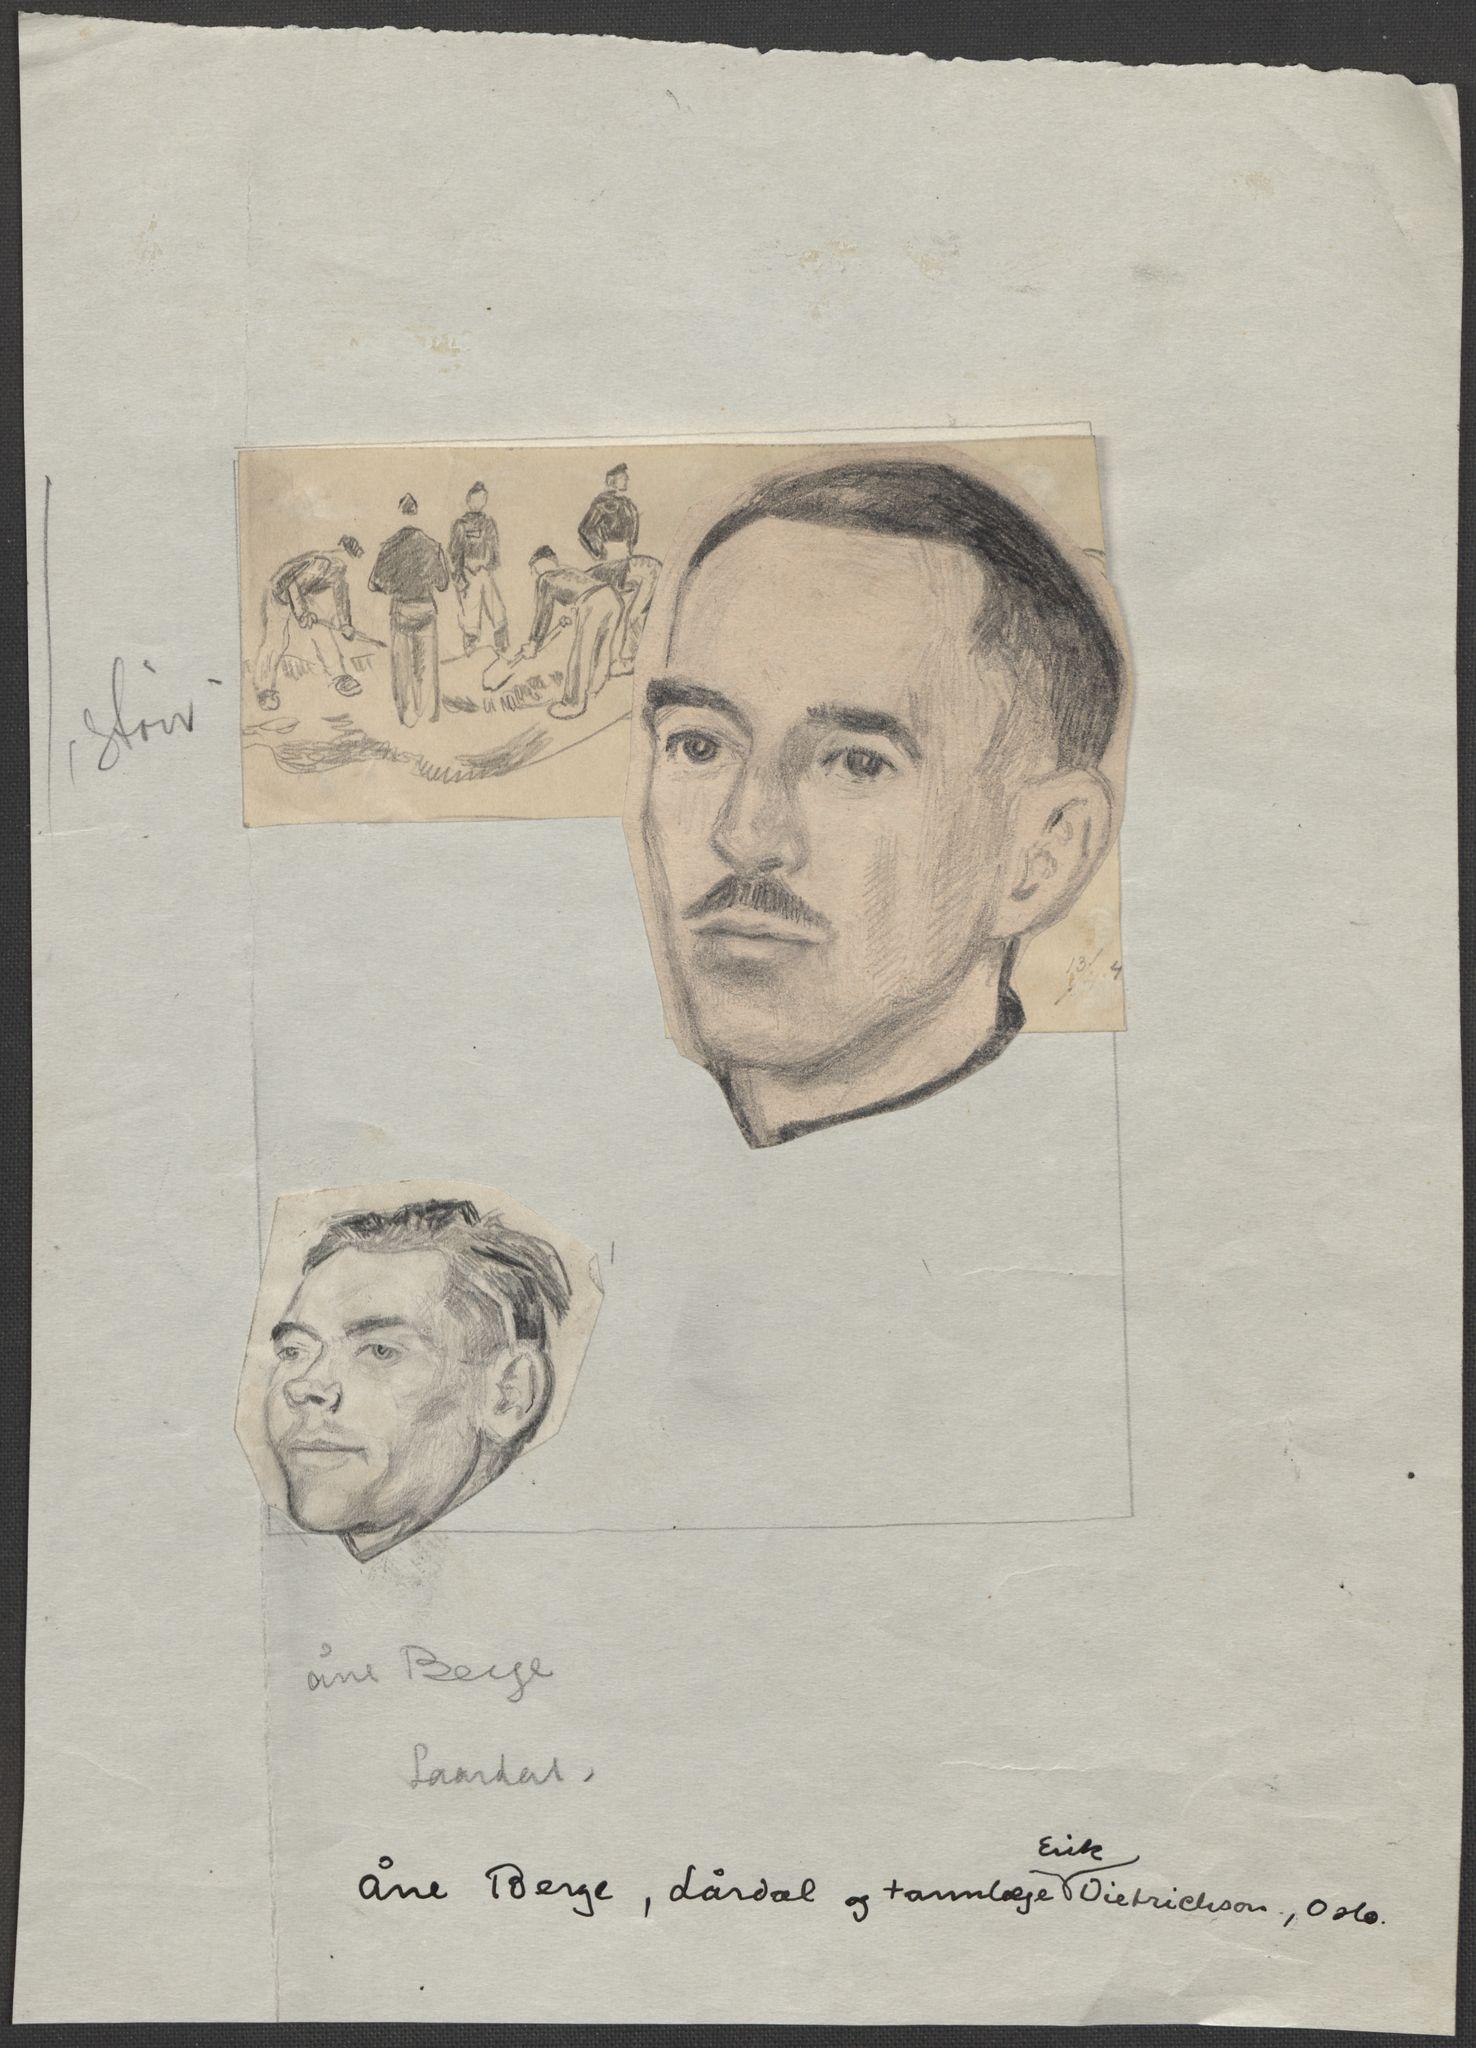 RA, Grøgaard, Joachim, F/L0002: Tegninger og tekster, 1942-1945, s. 100